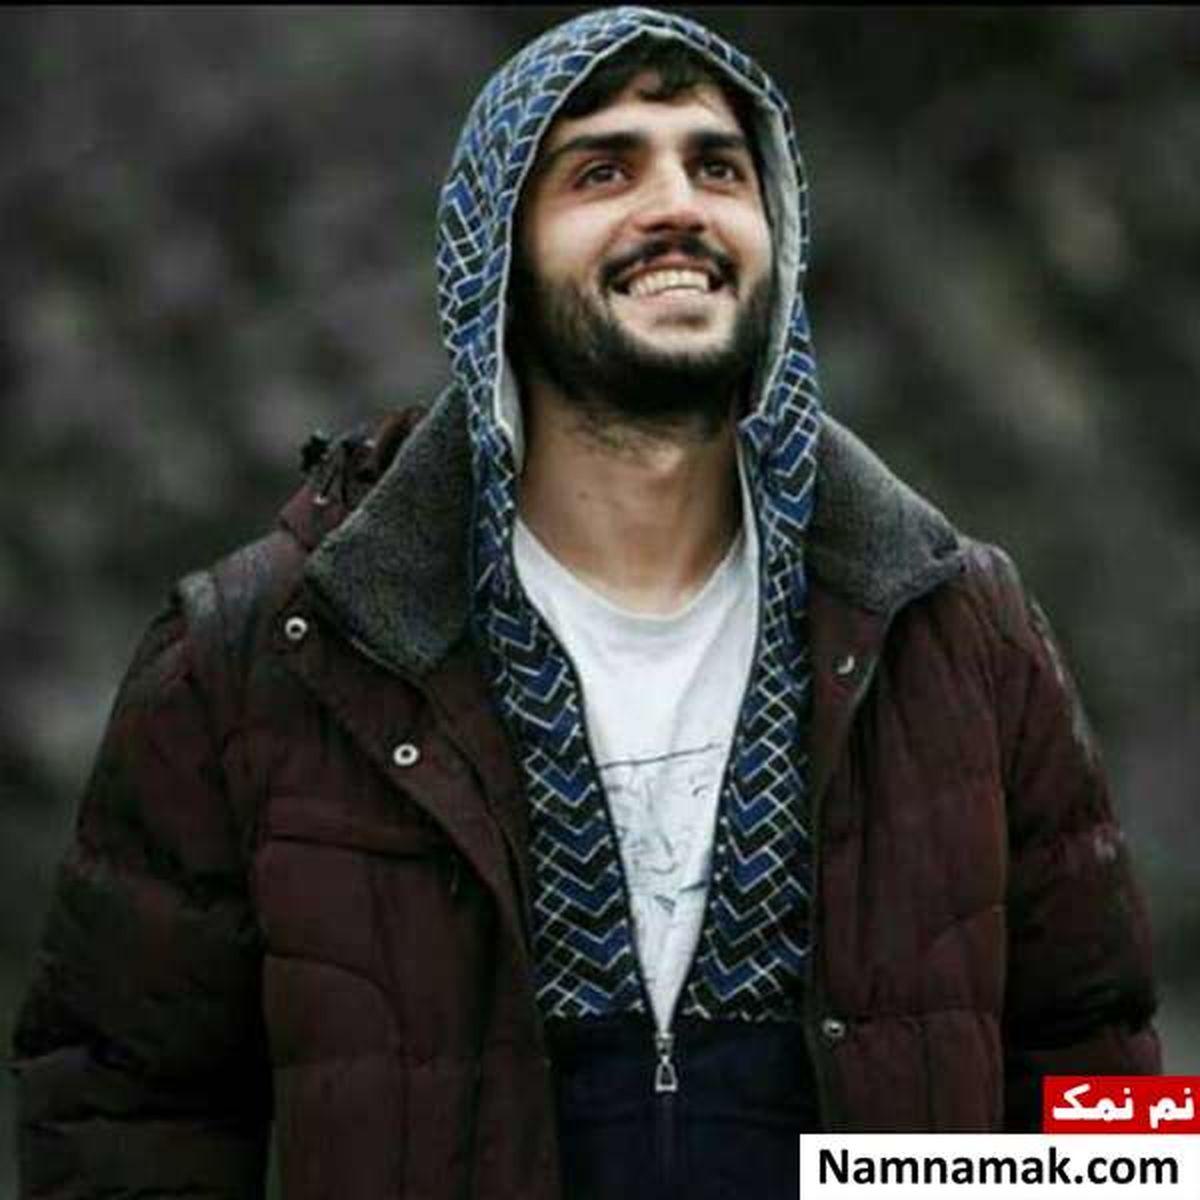 بیوگرافی نیما نادری بازیگر سریال شرم + تصاویر